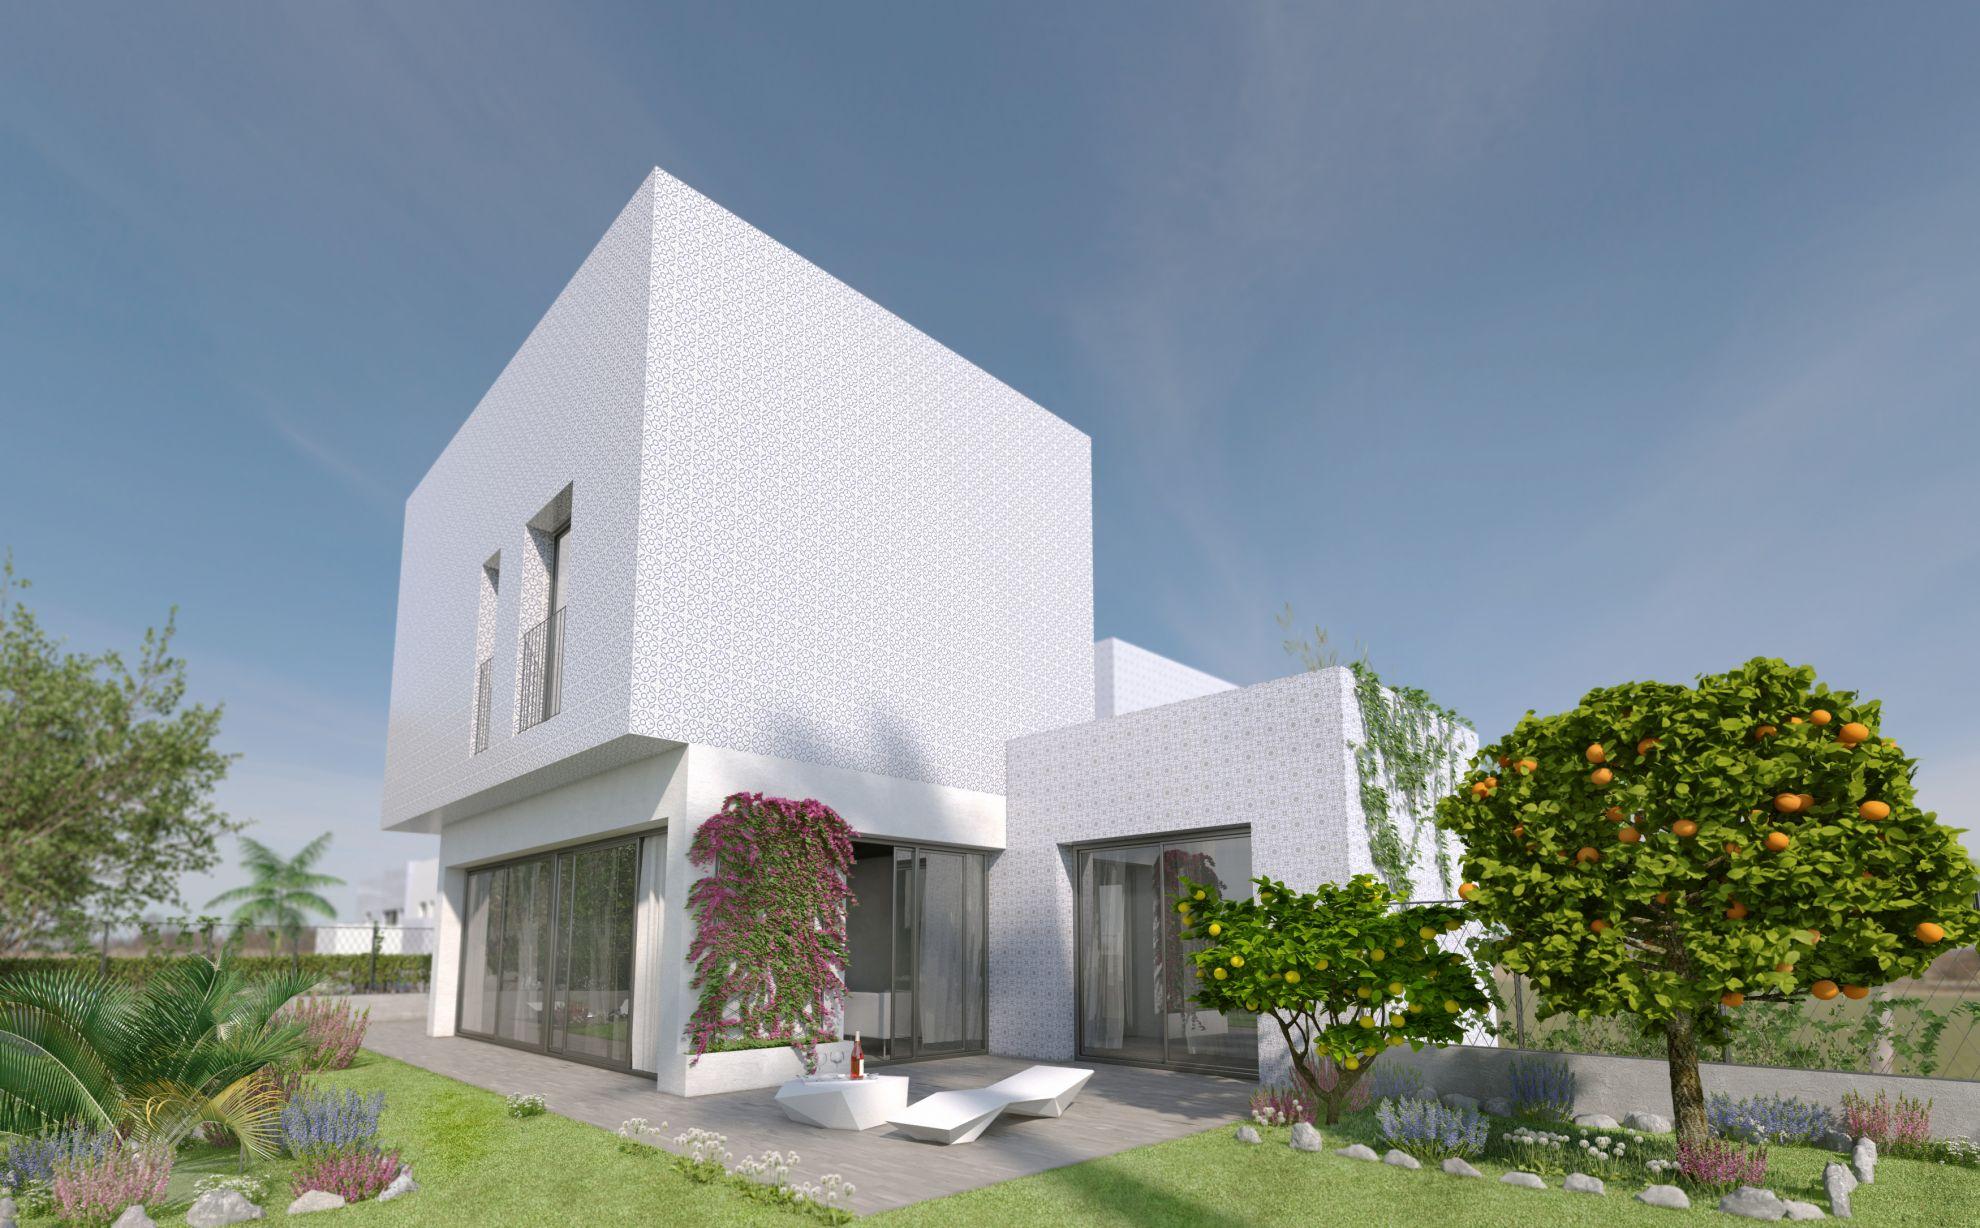 Detached villa with 2 bedrooms, in urbanization with pool, Villamartín. 6